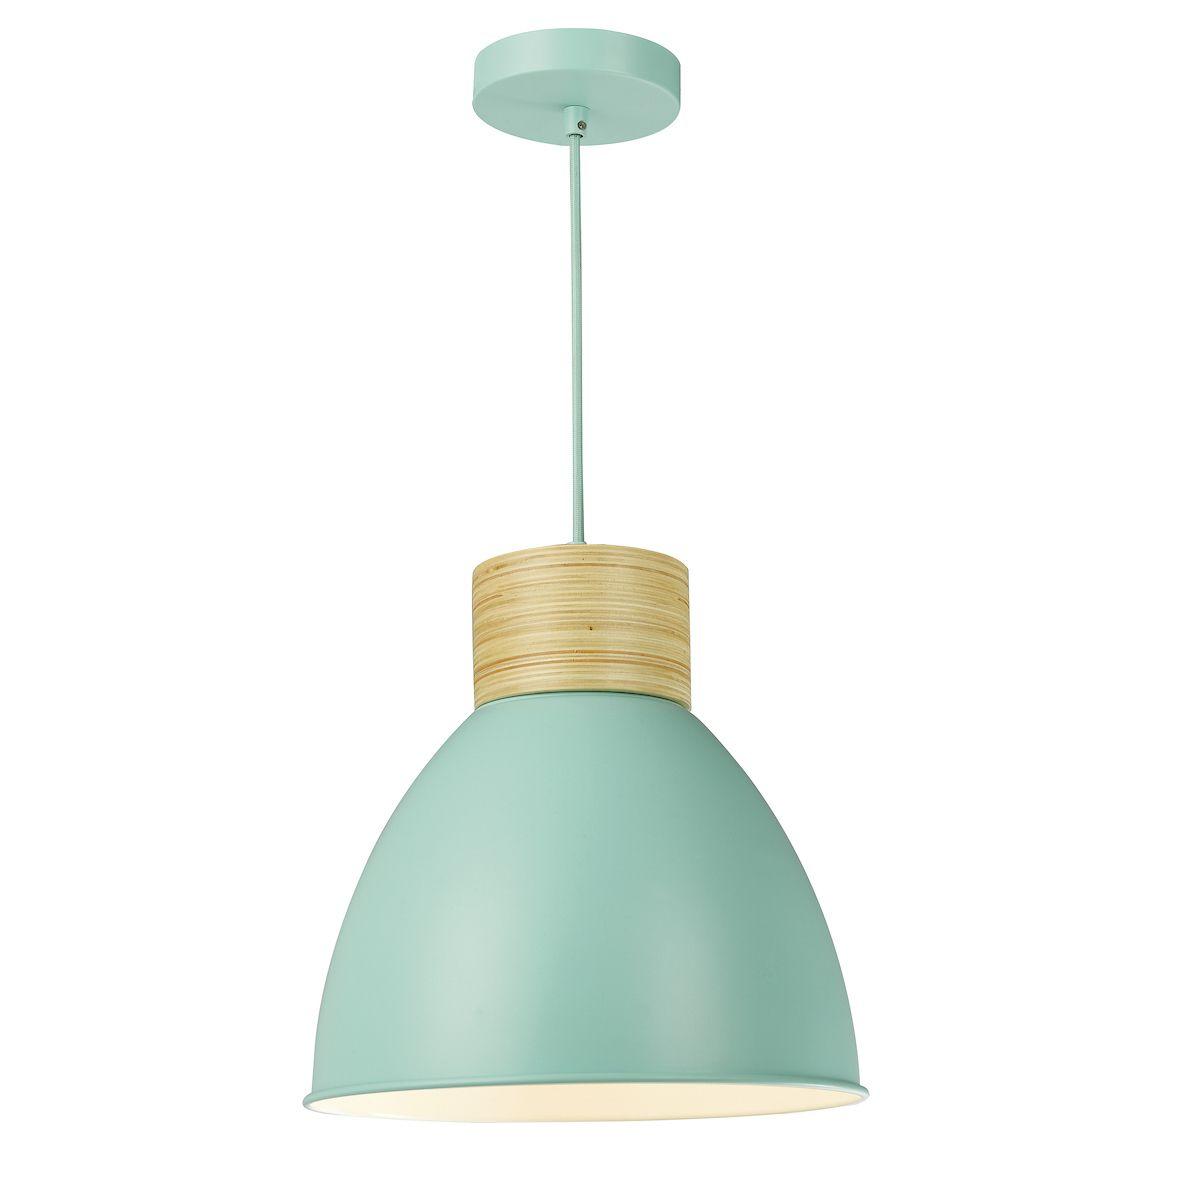 skandynawska lampa wisząca do kuchni